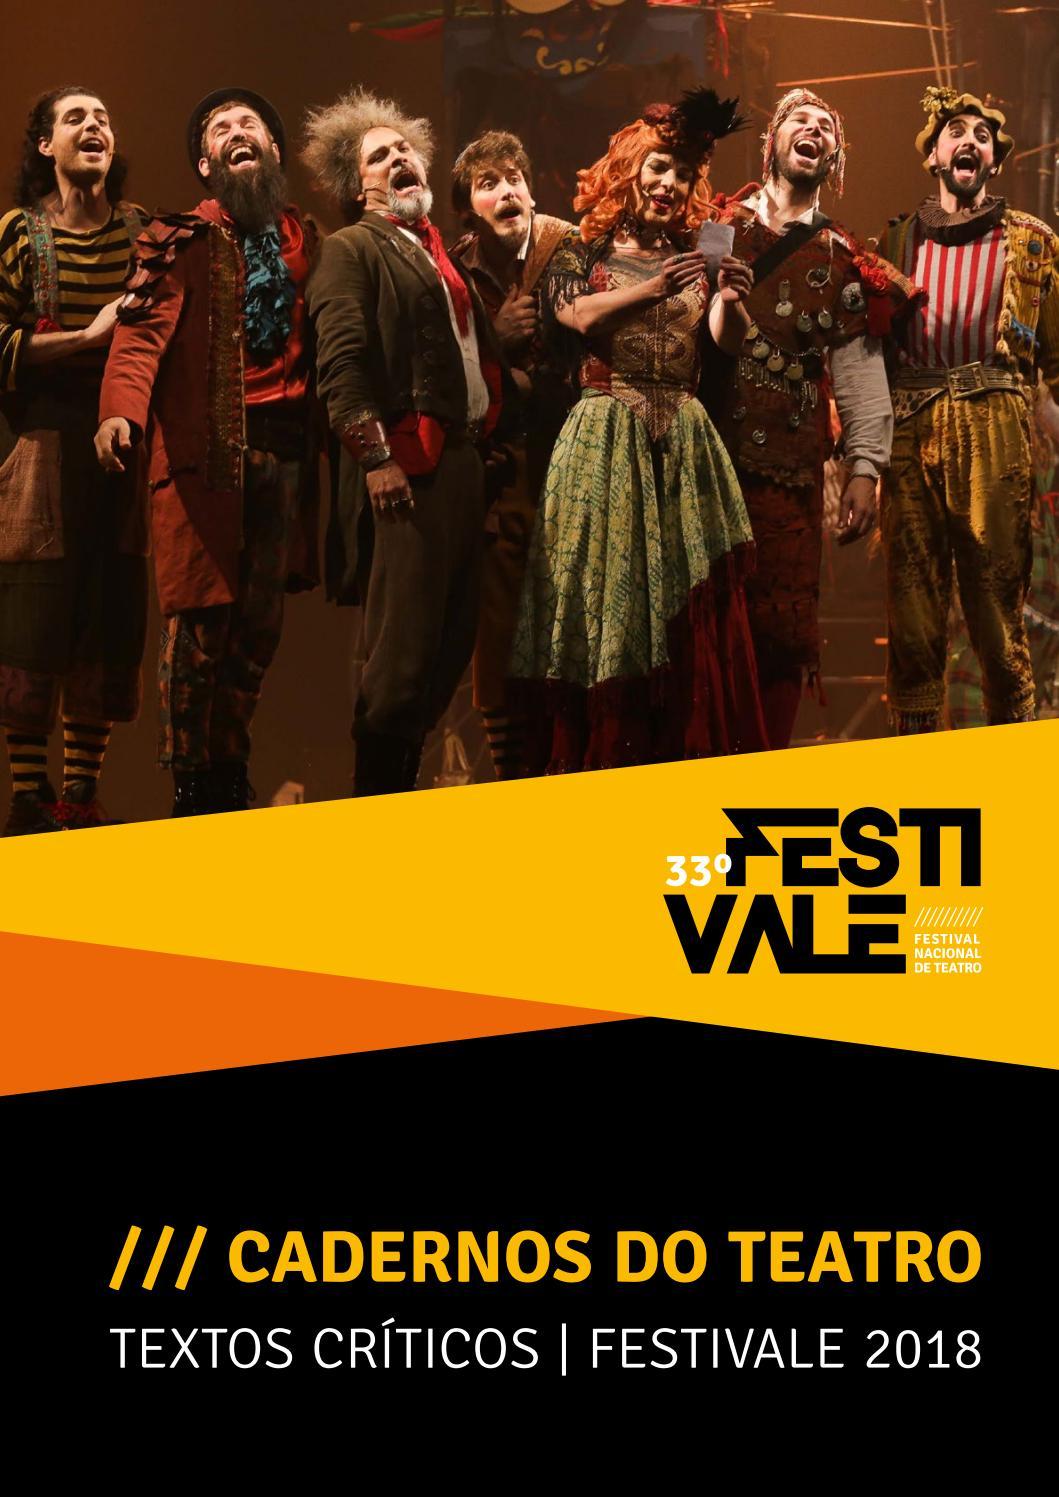 c28069fd3 Cadernos do Teatro by Fundação Cultural Cassiano Ricardo (FCCR) - issuu